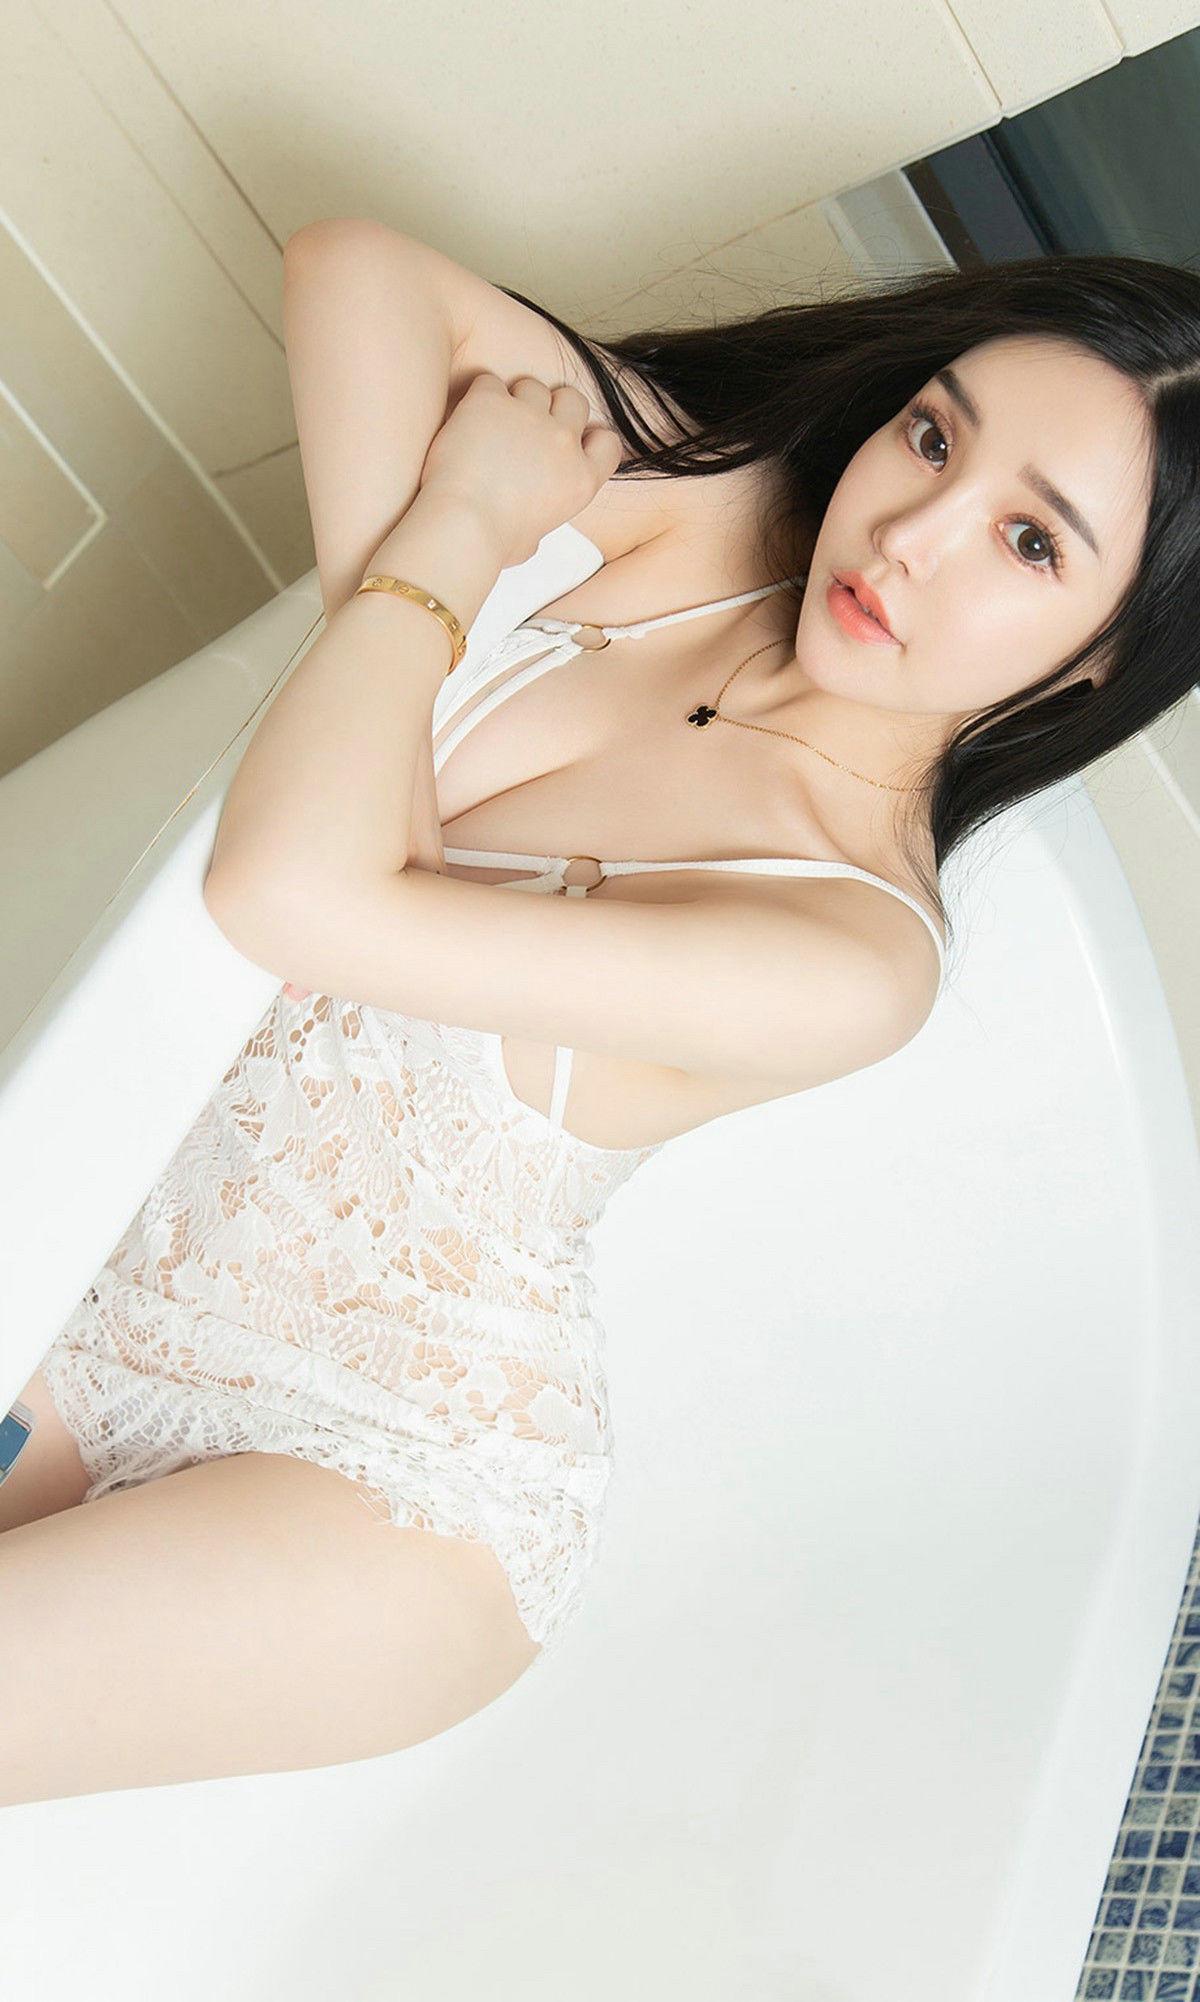 杨子芯 - 实名喜欢 写真套图